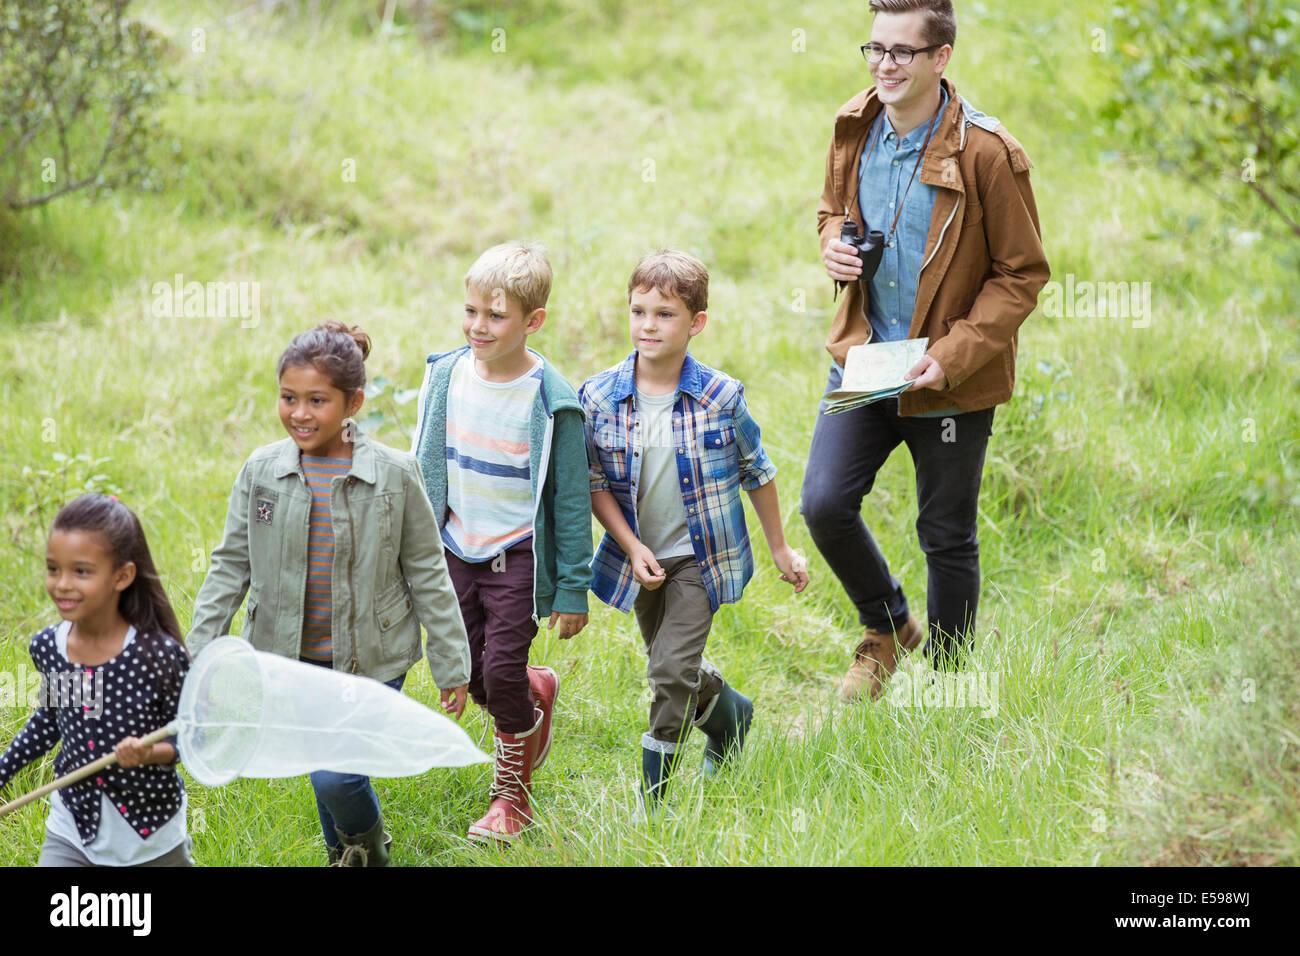 Los alumnos y el profesor caminando en el campo Imagen De Stock